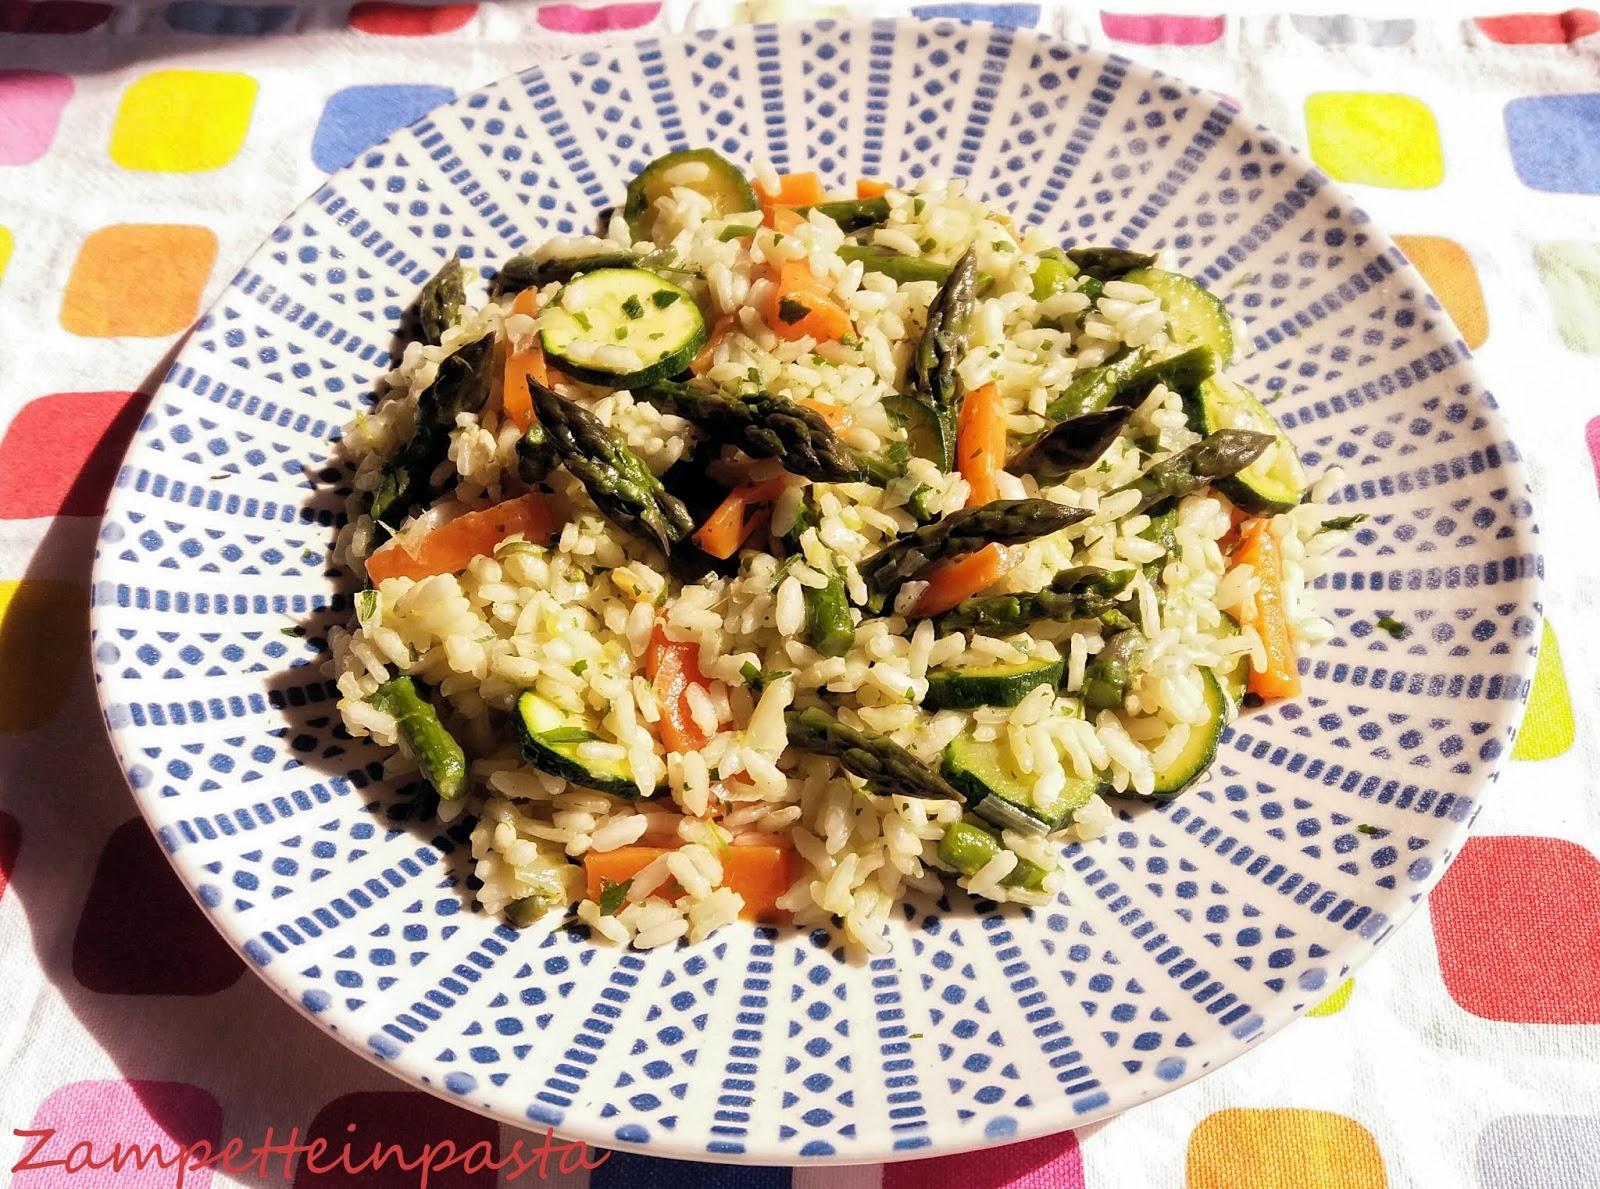 Risotto Asparagi Zucchine.Zampette In Pasta Riso Con Asparagi Carote E Zucchine